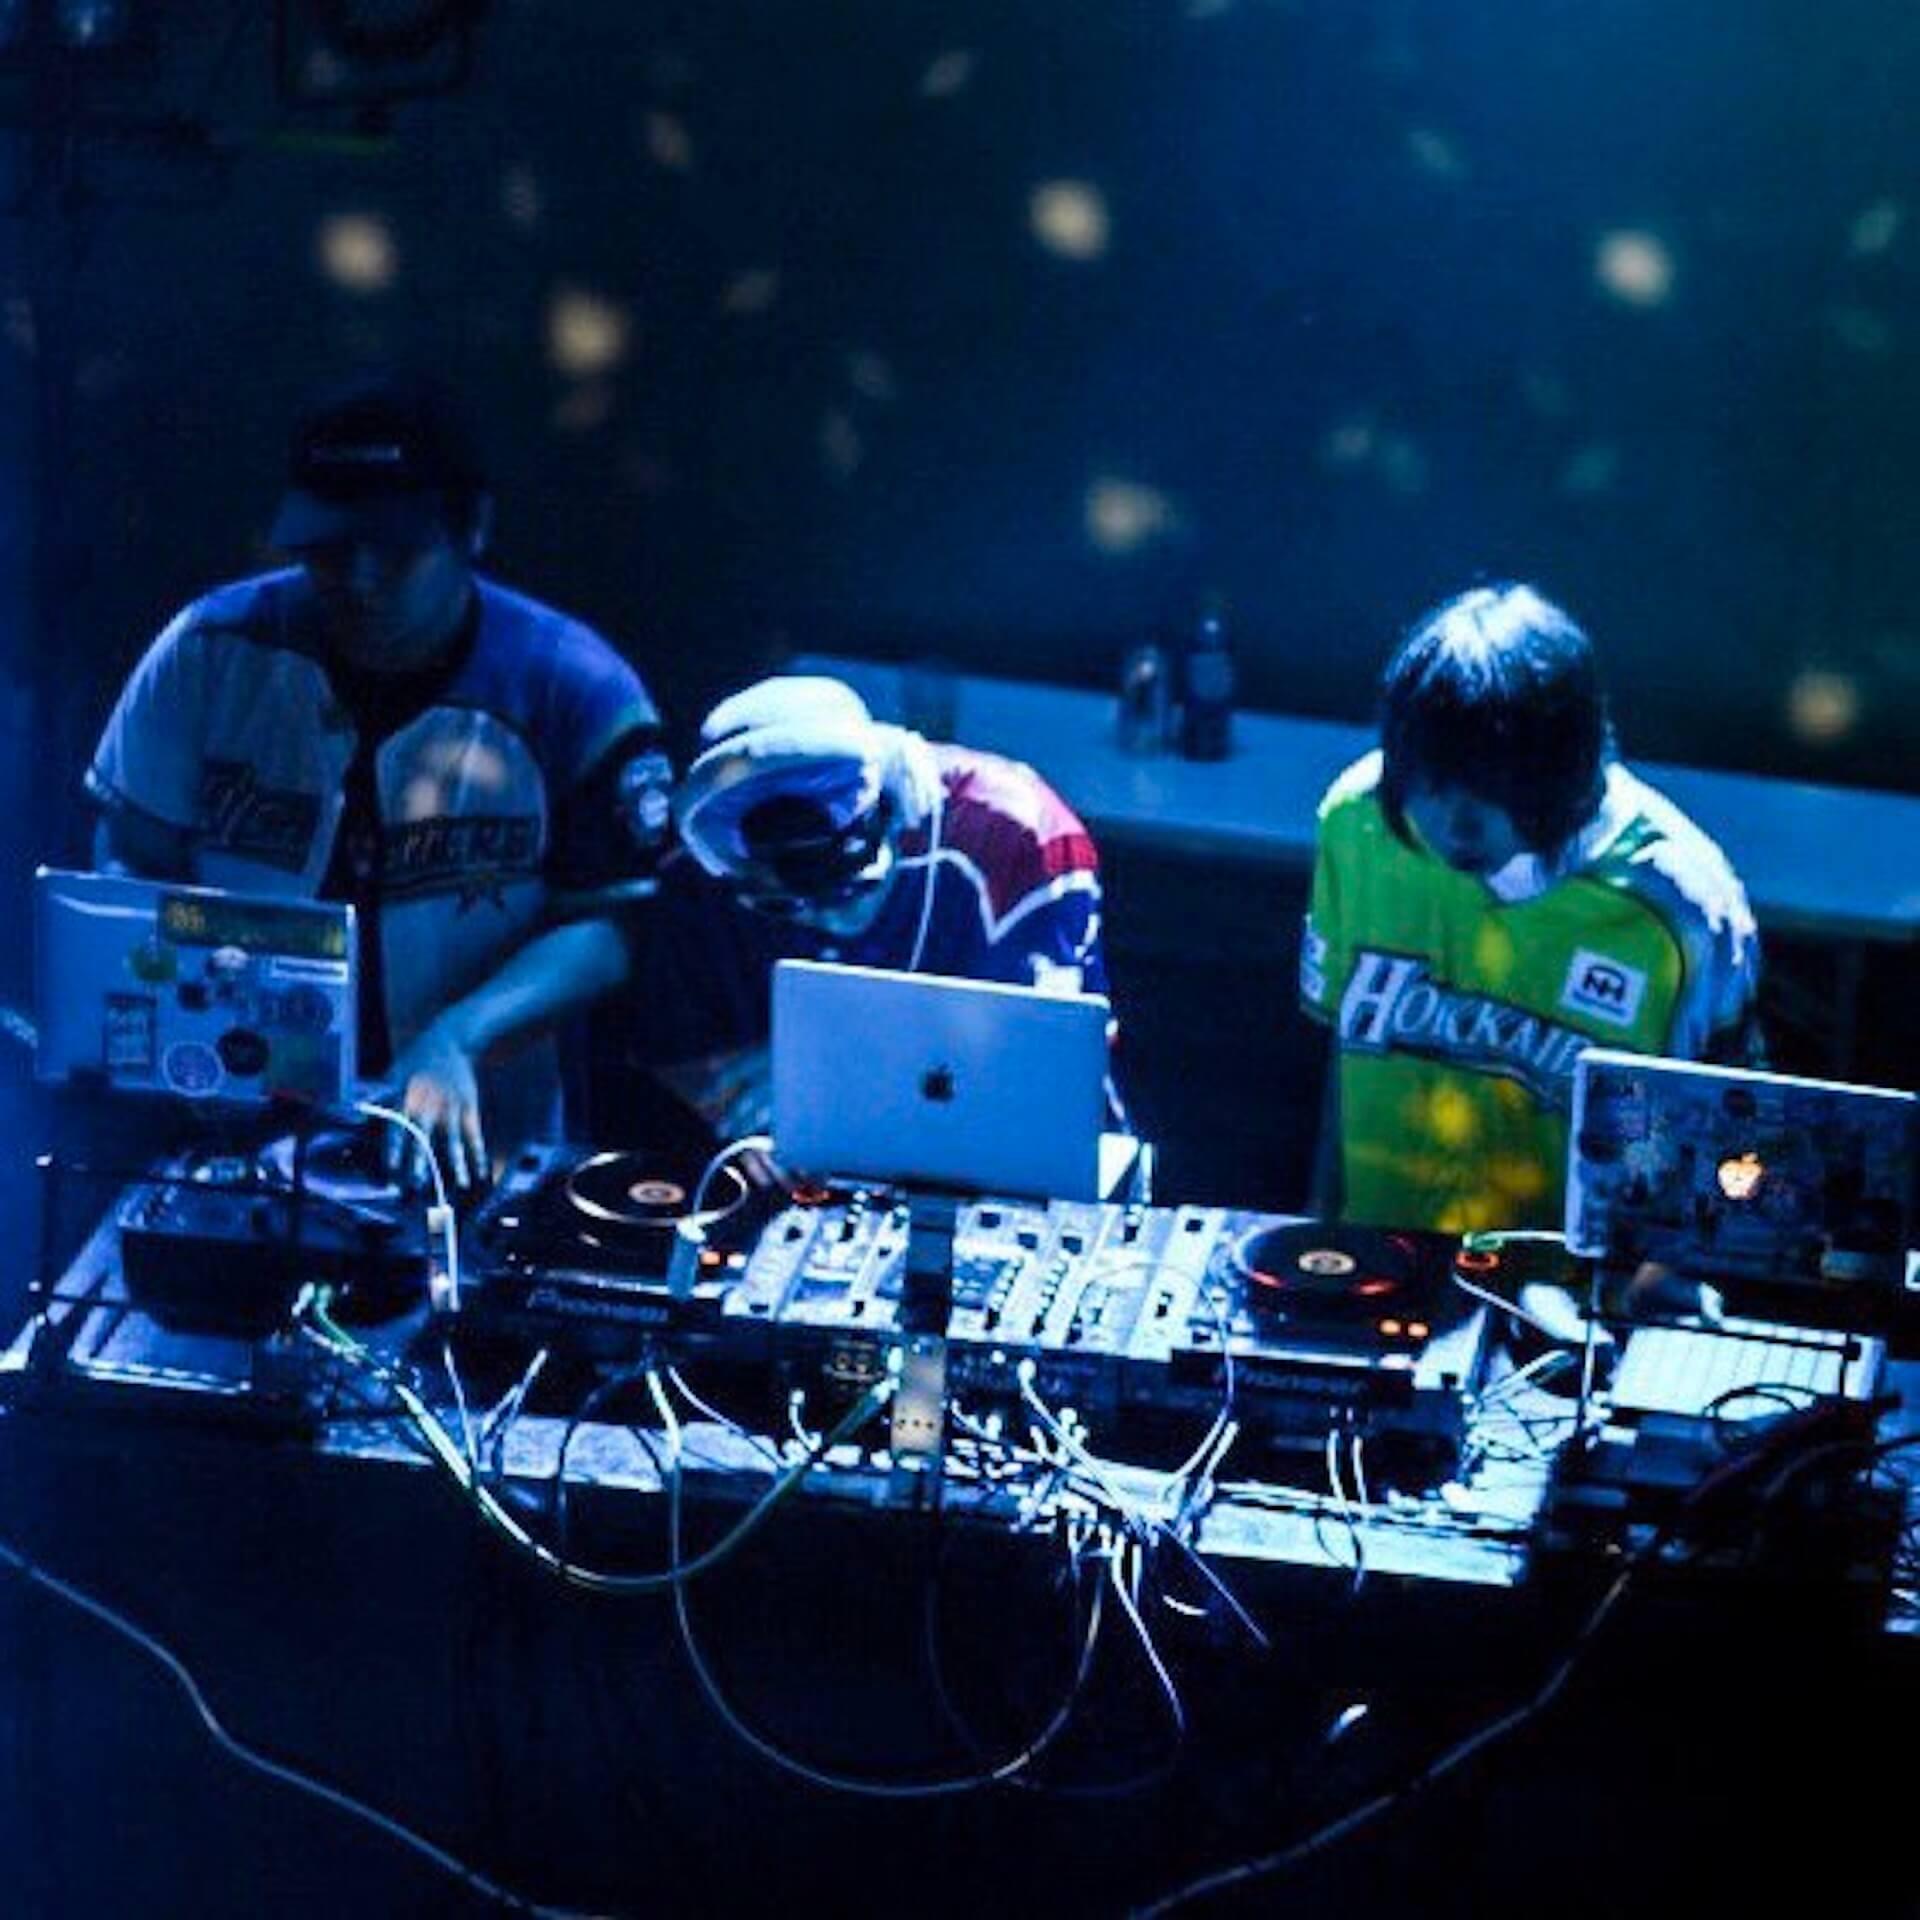 全国のクラブ・ライブハウスが参加するライブストリーミングフェス<Music Unity 2020>配信決定!TeddyLoid、DÉ DÉ MOUSEらが登場 music200402_musicunity_02